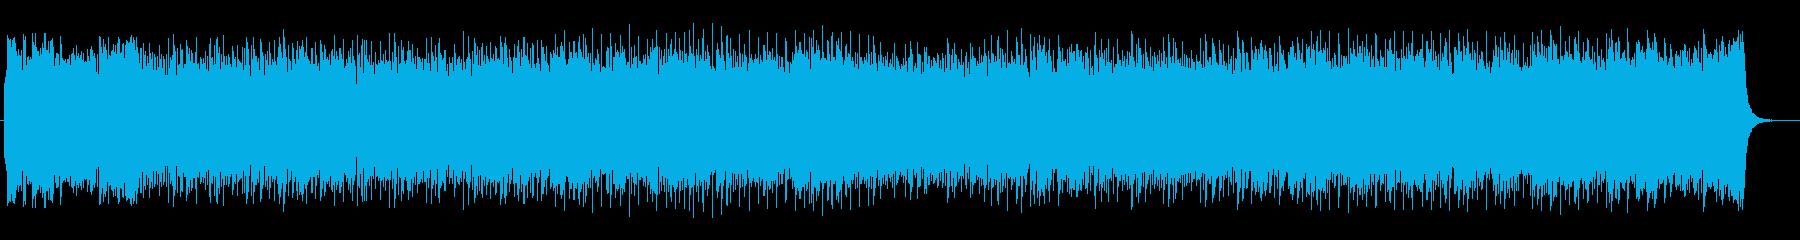 シンセサイザーのわくわくするポップスの再生済みの波形